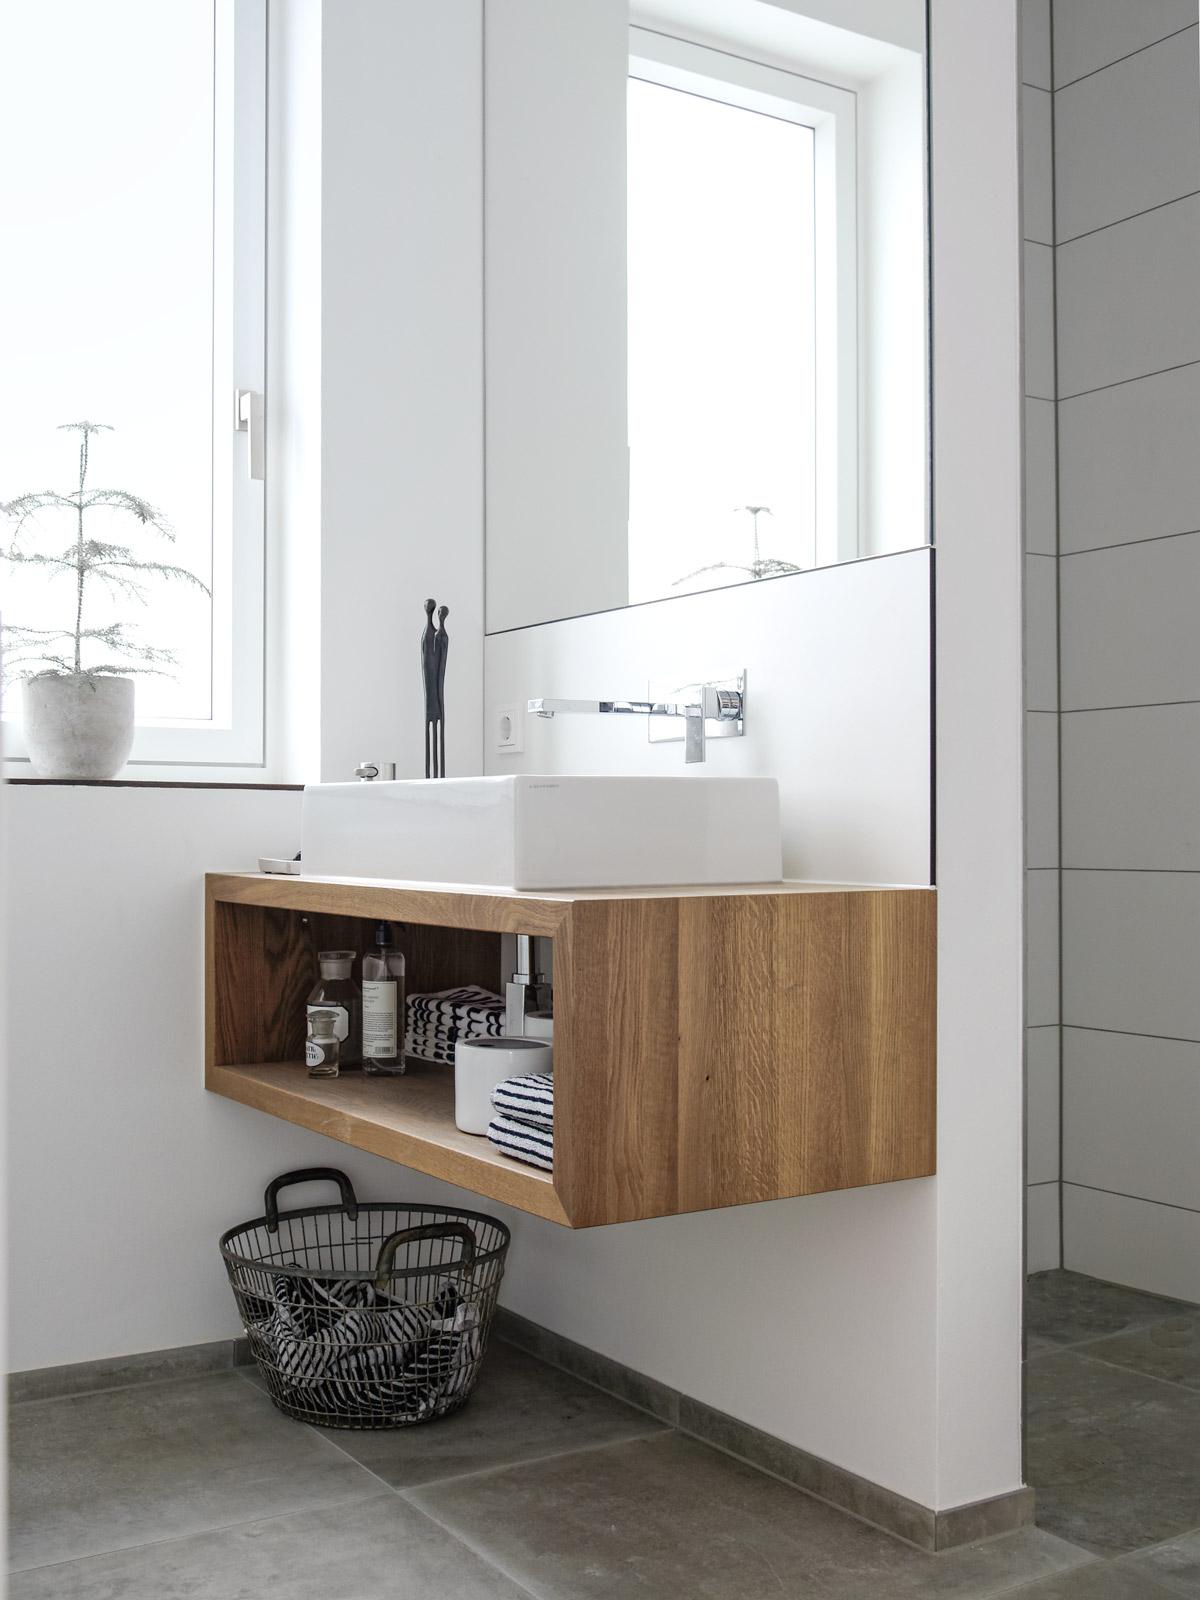 ein unvergesslicher besuch oder wie man seine g ste dazu bringt sich wohlzuf hlen mxliving. Black Bedroom Furniture Sets. Home Design Ideas